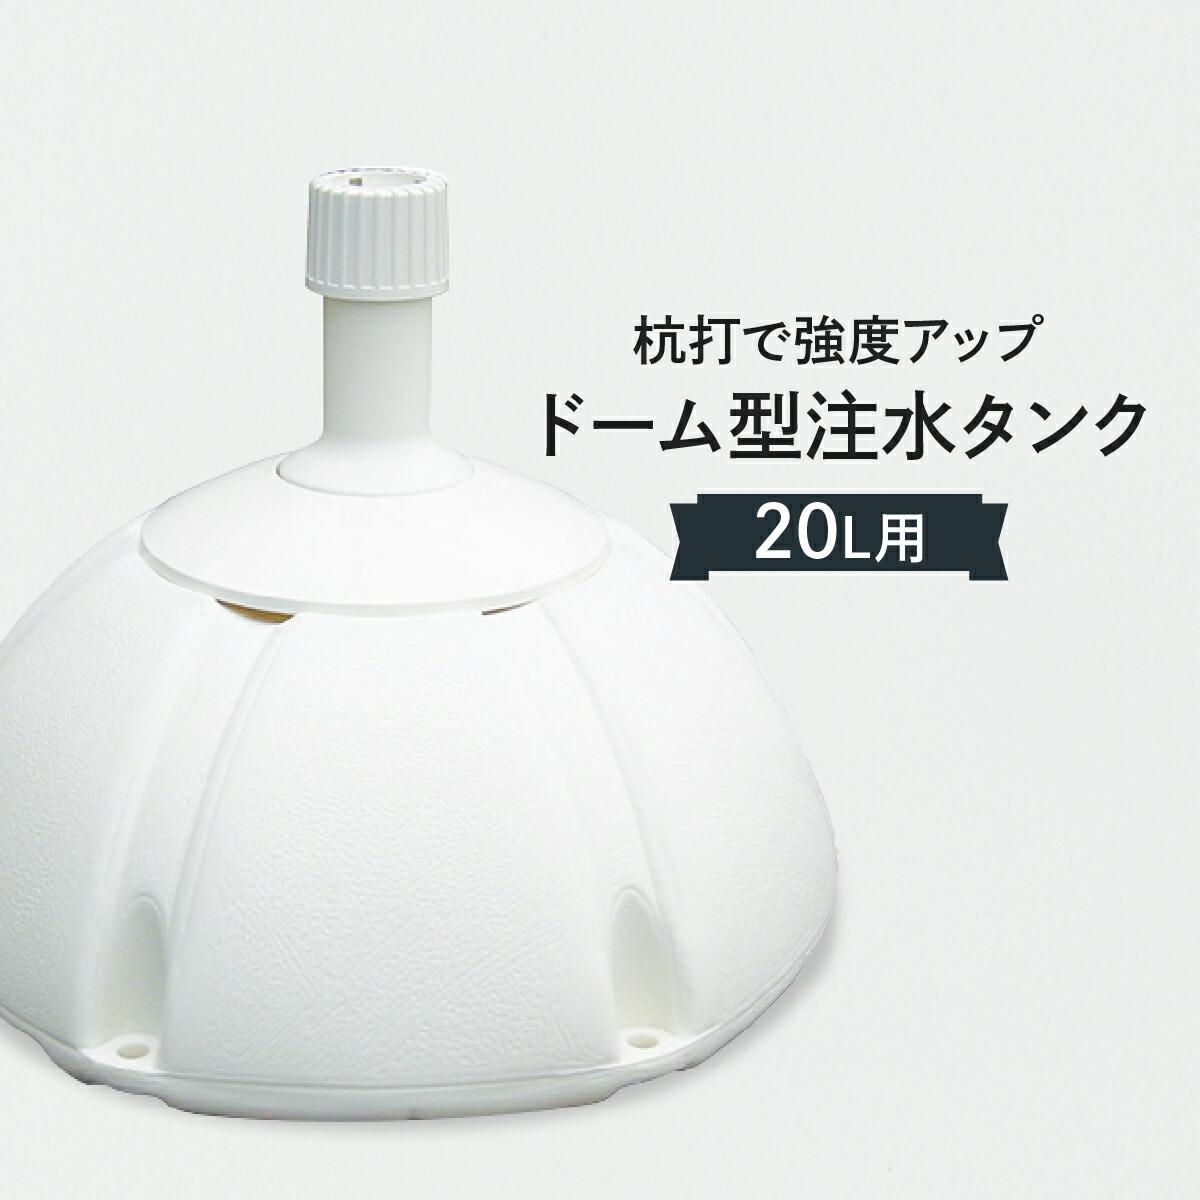 丸型注水タンク20L